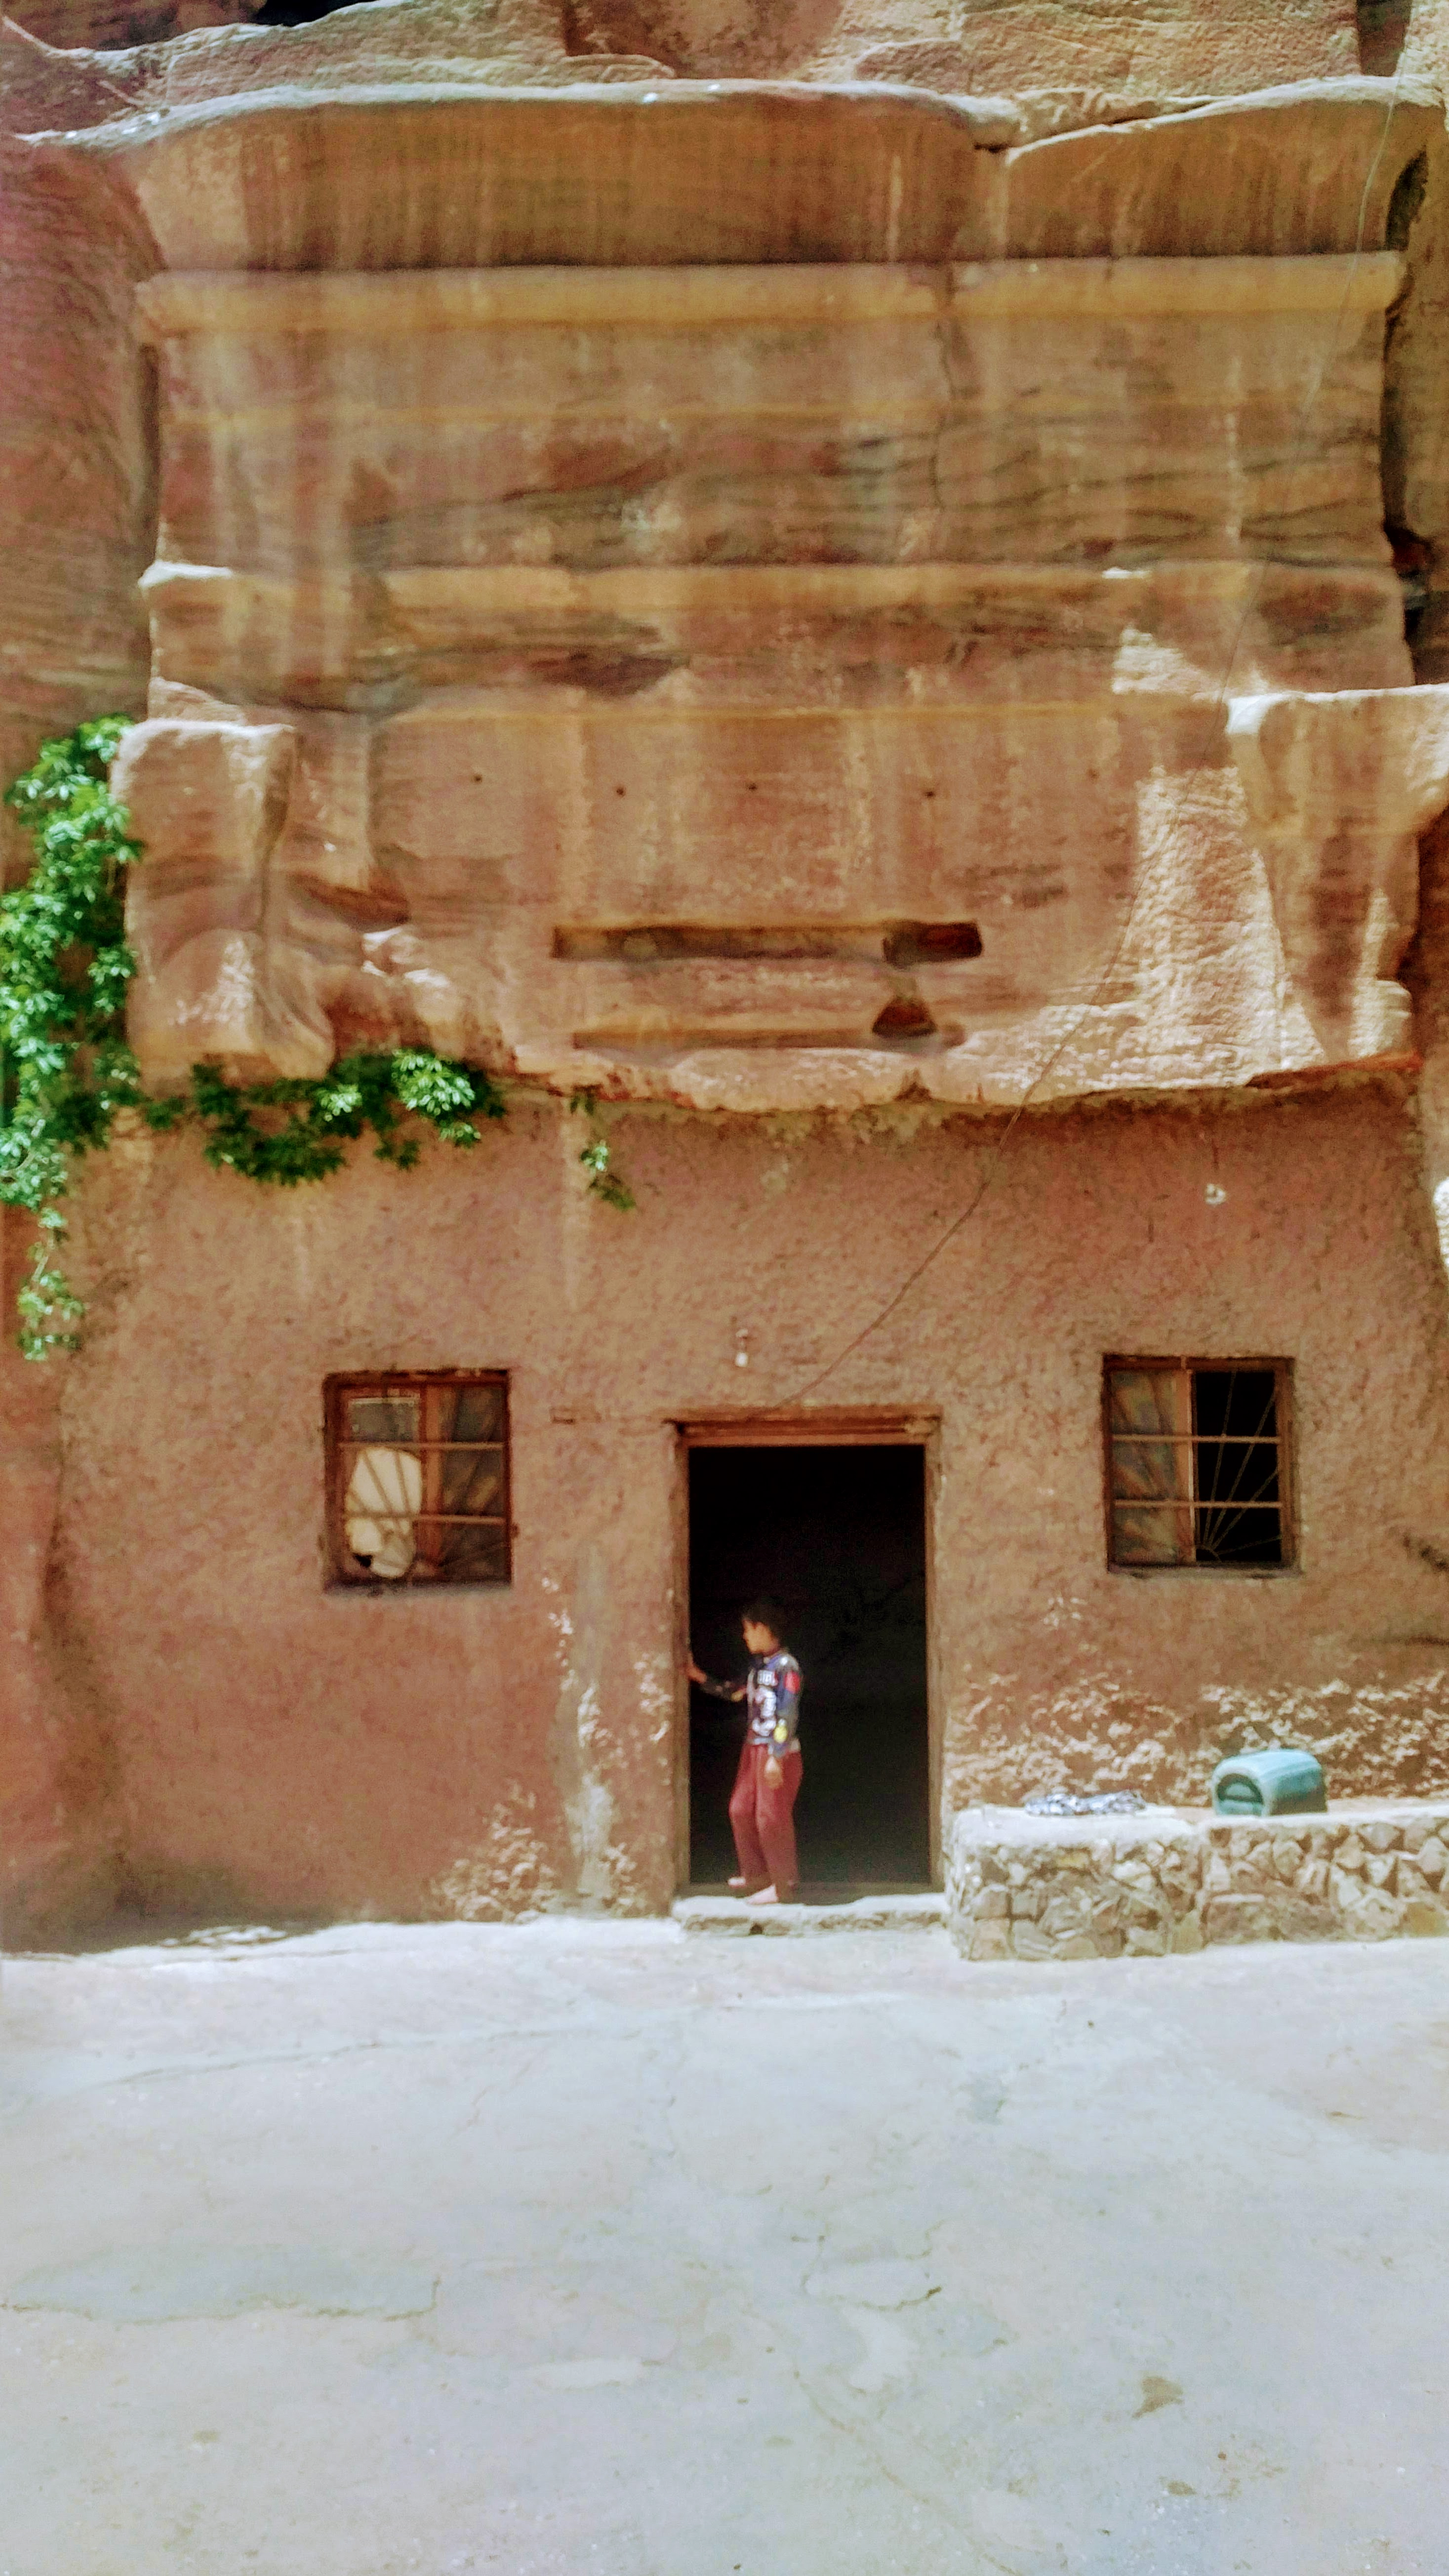 Petra's cave